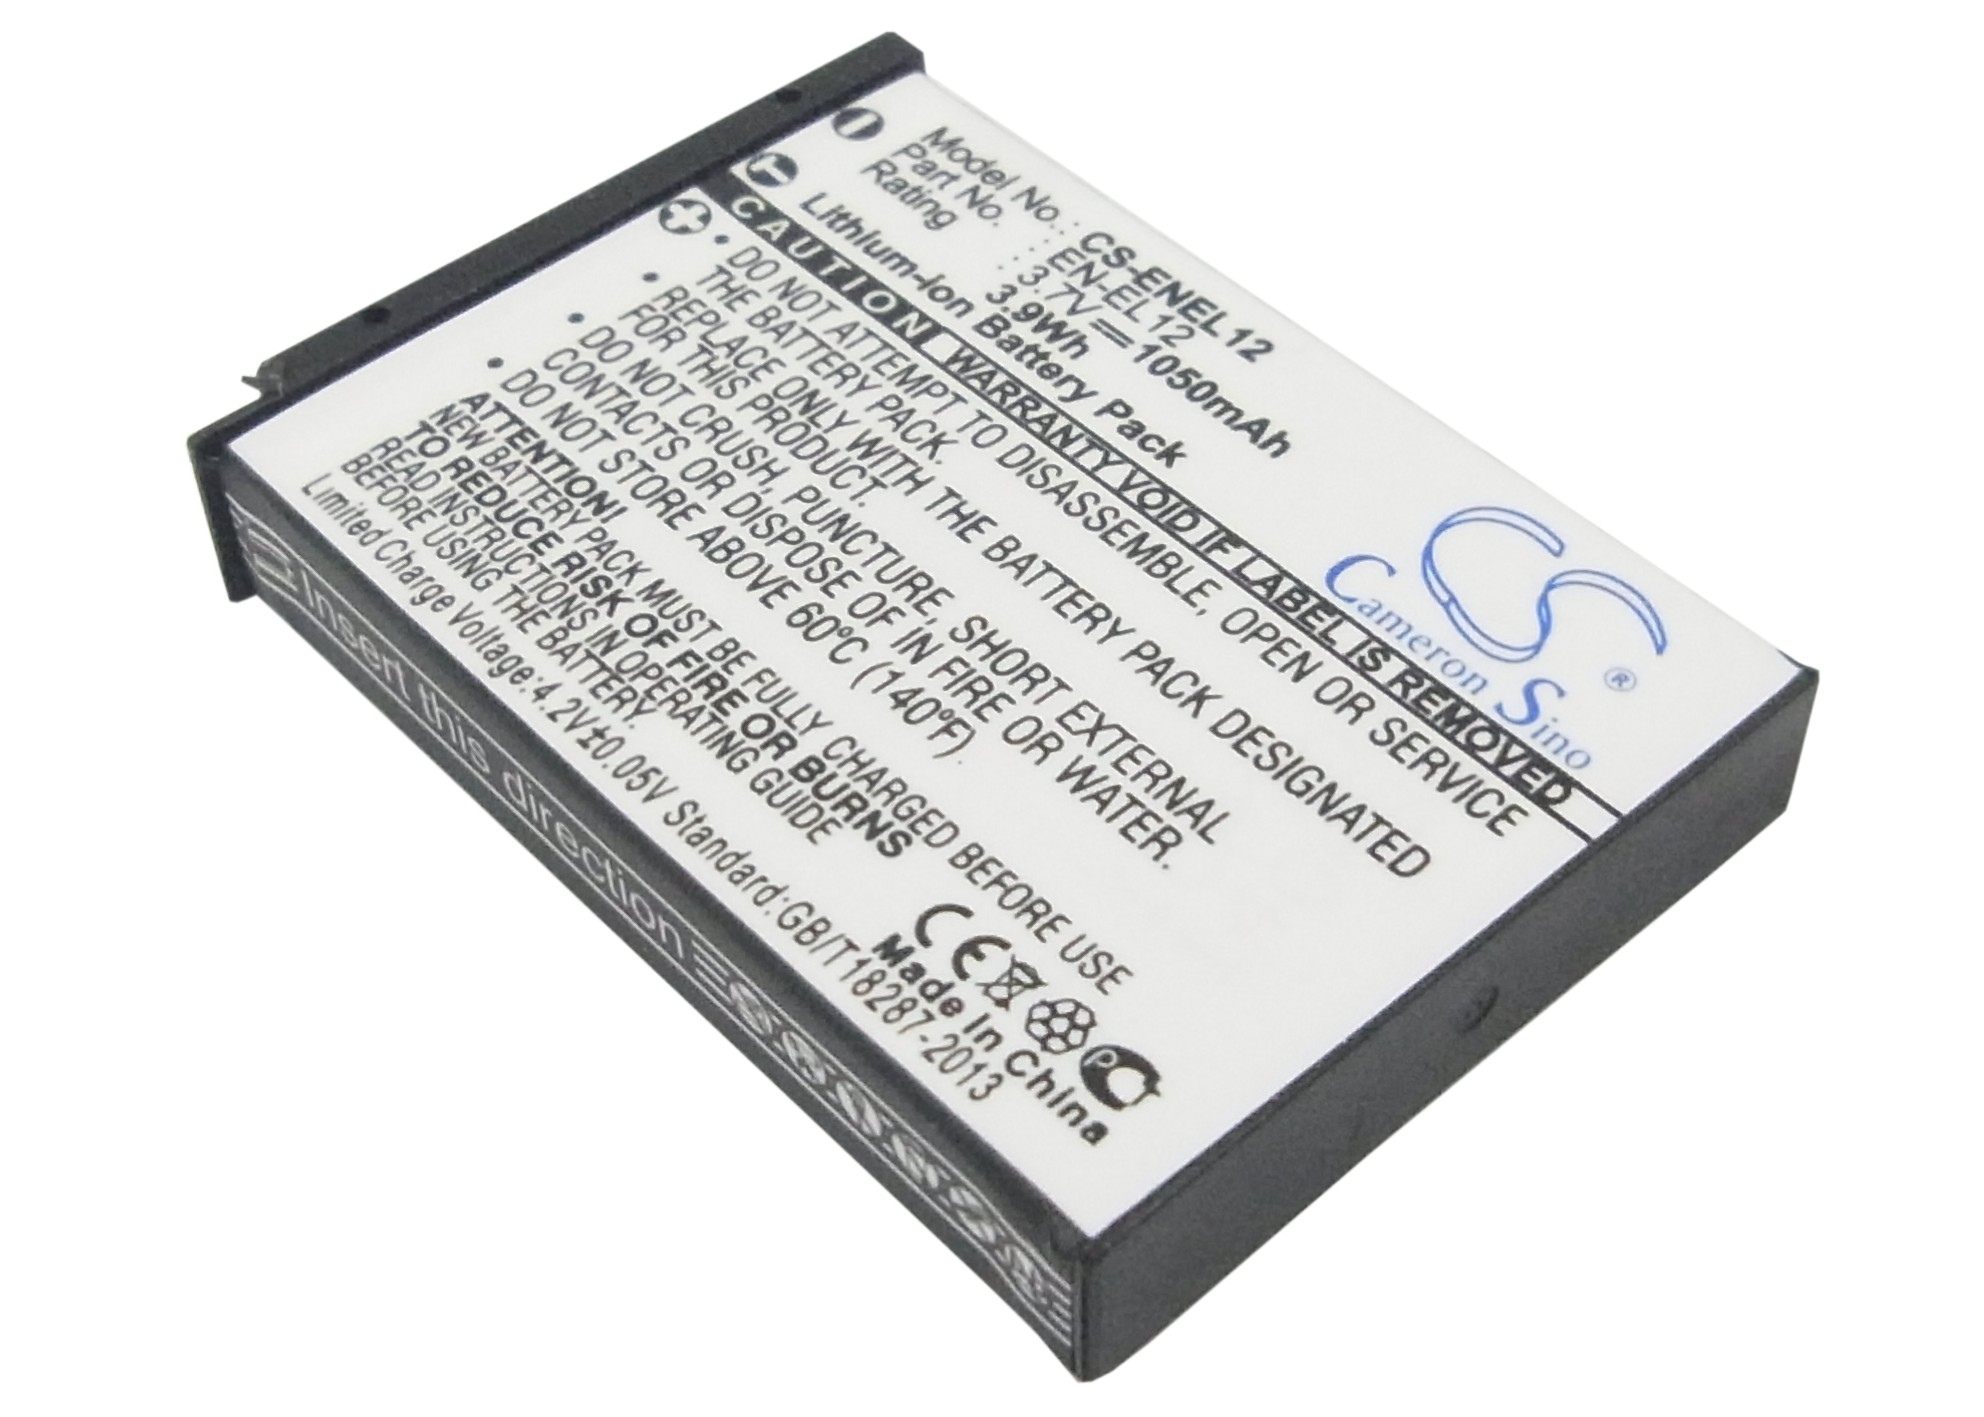 Cameron Sino baterie do kamer a fotoaparátů pro NIKON Coolpix S620 3.7V Li-ion 1050mAh černá - neoriginální